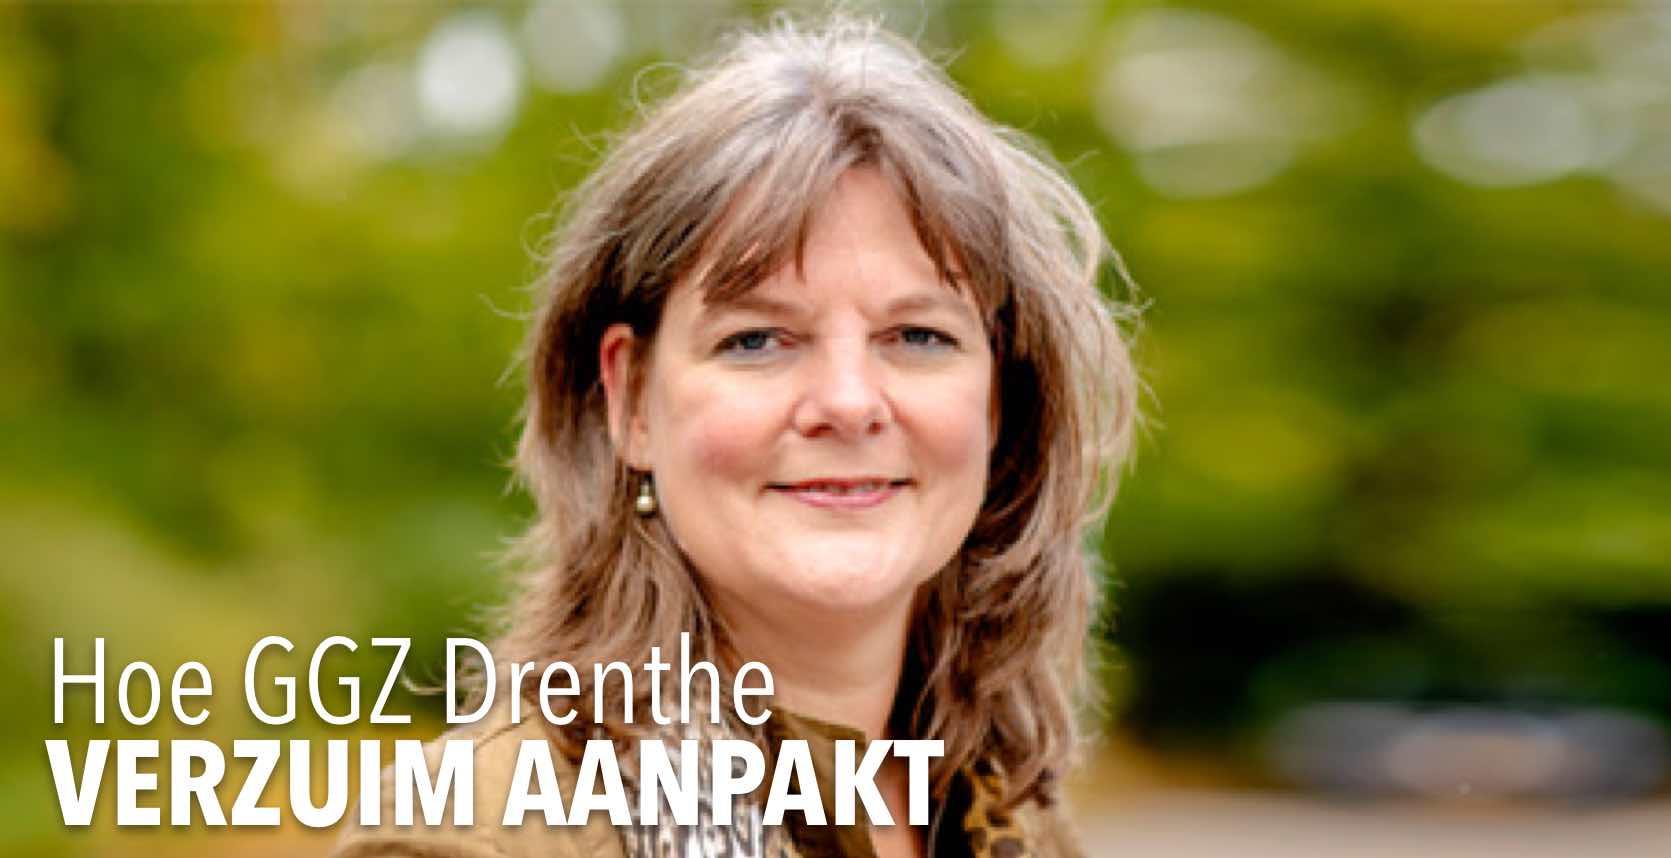 Hoe GGZ Drenthe verzuim aanpakt VerzuimMeesters